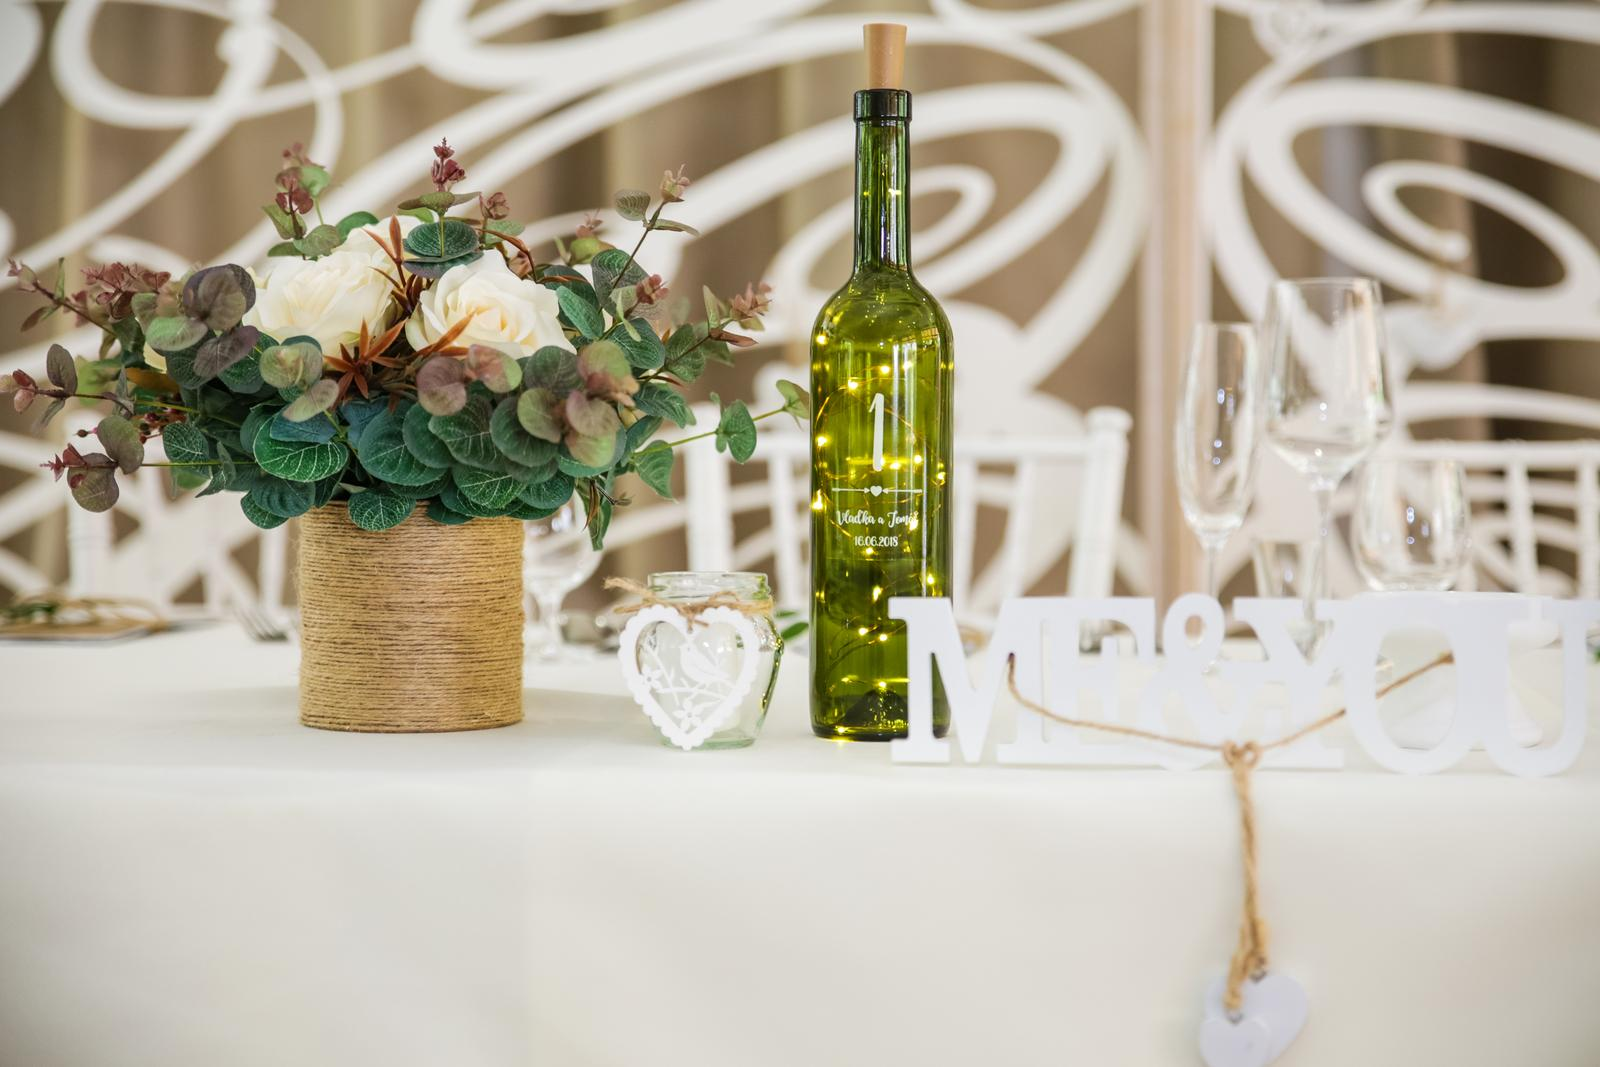 11 kytíc na svadobné stoly + darček - Obrázok č. 1